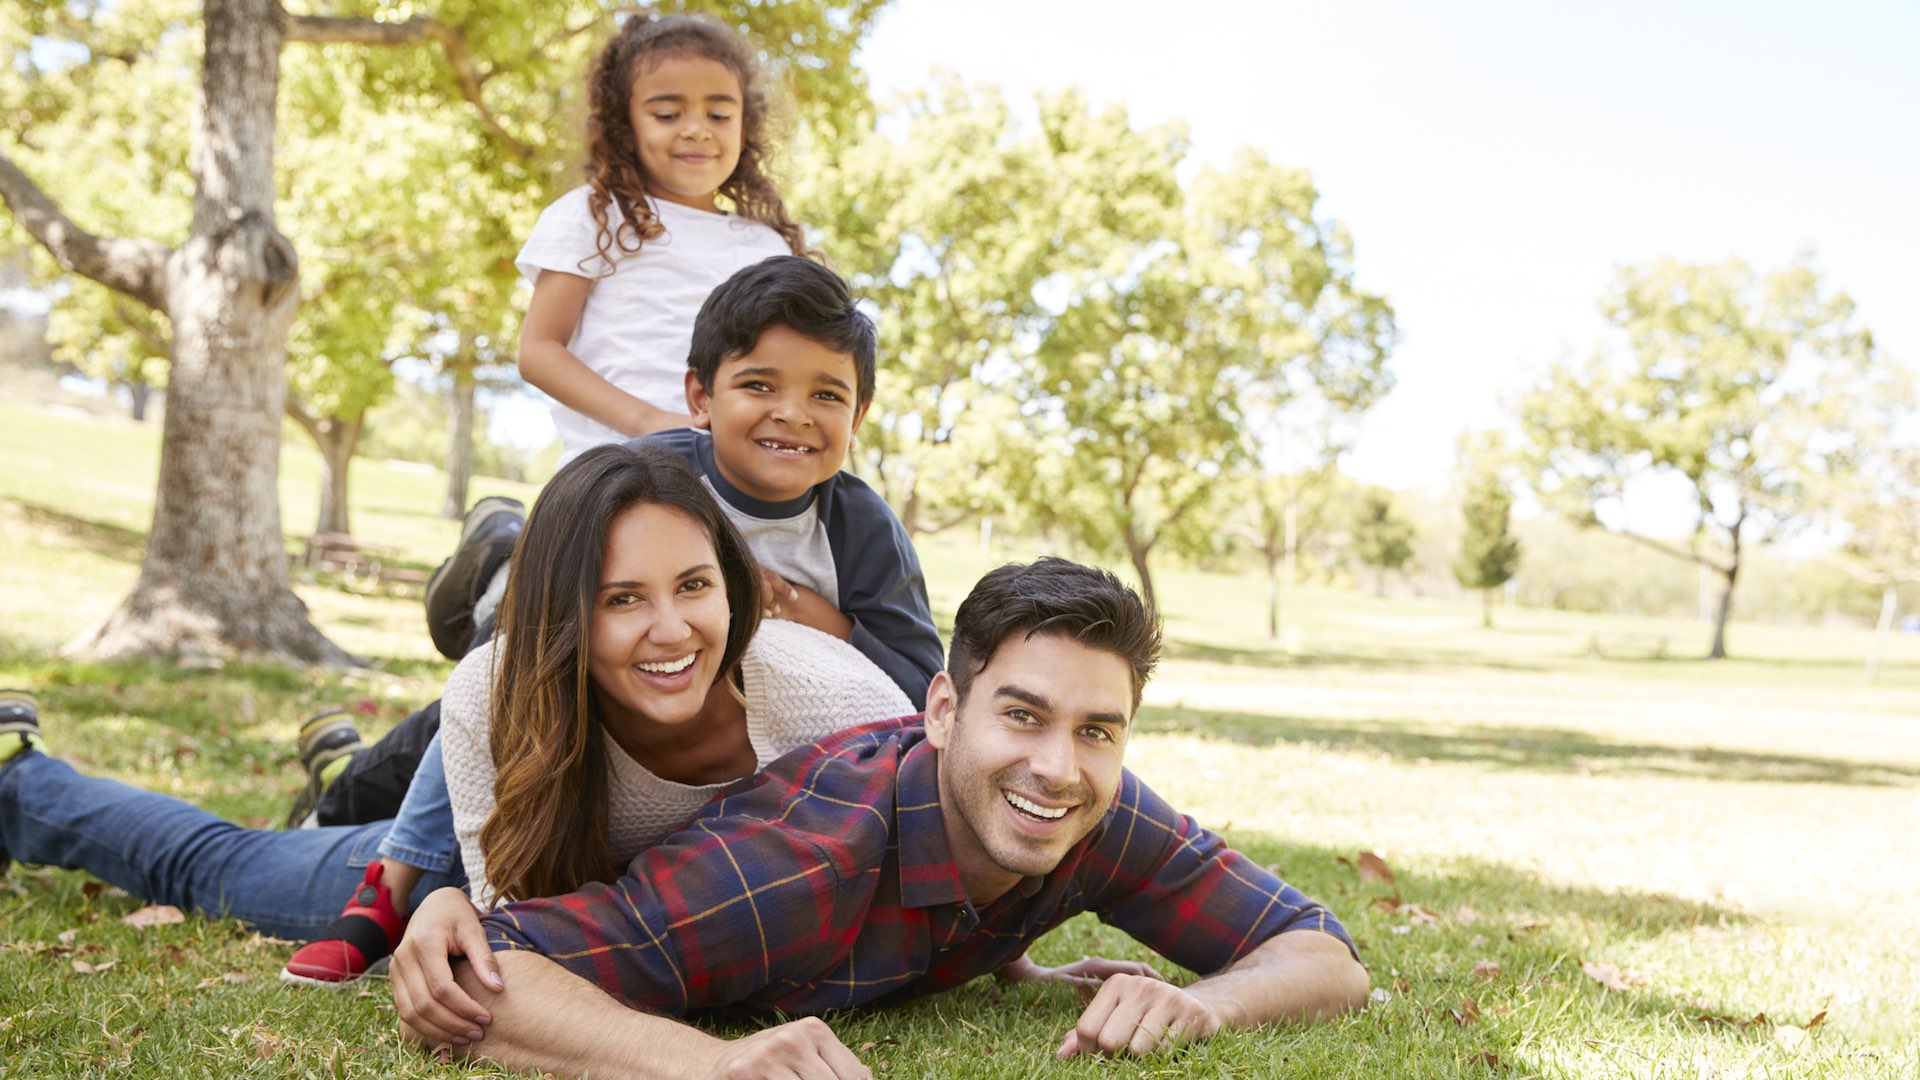 ¿Qué actividades puedo hacer en familia?